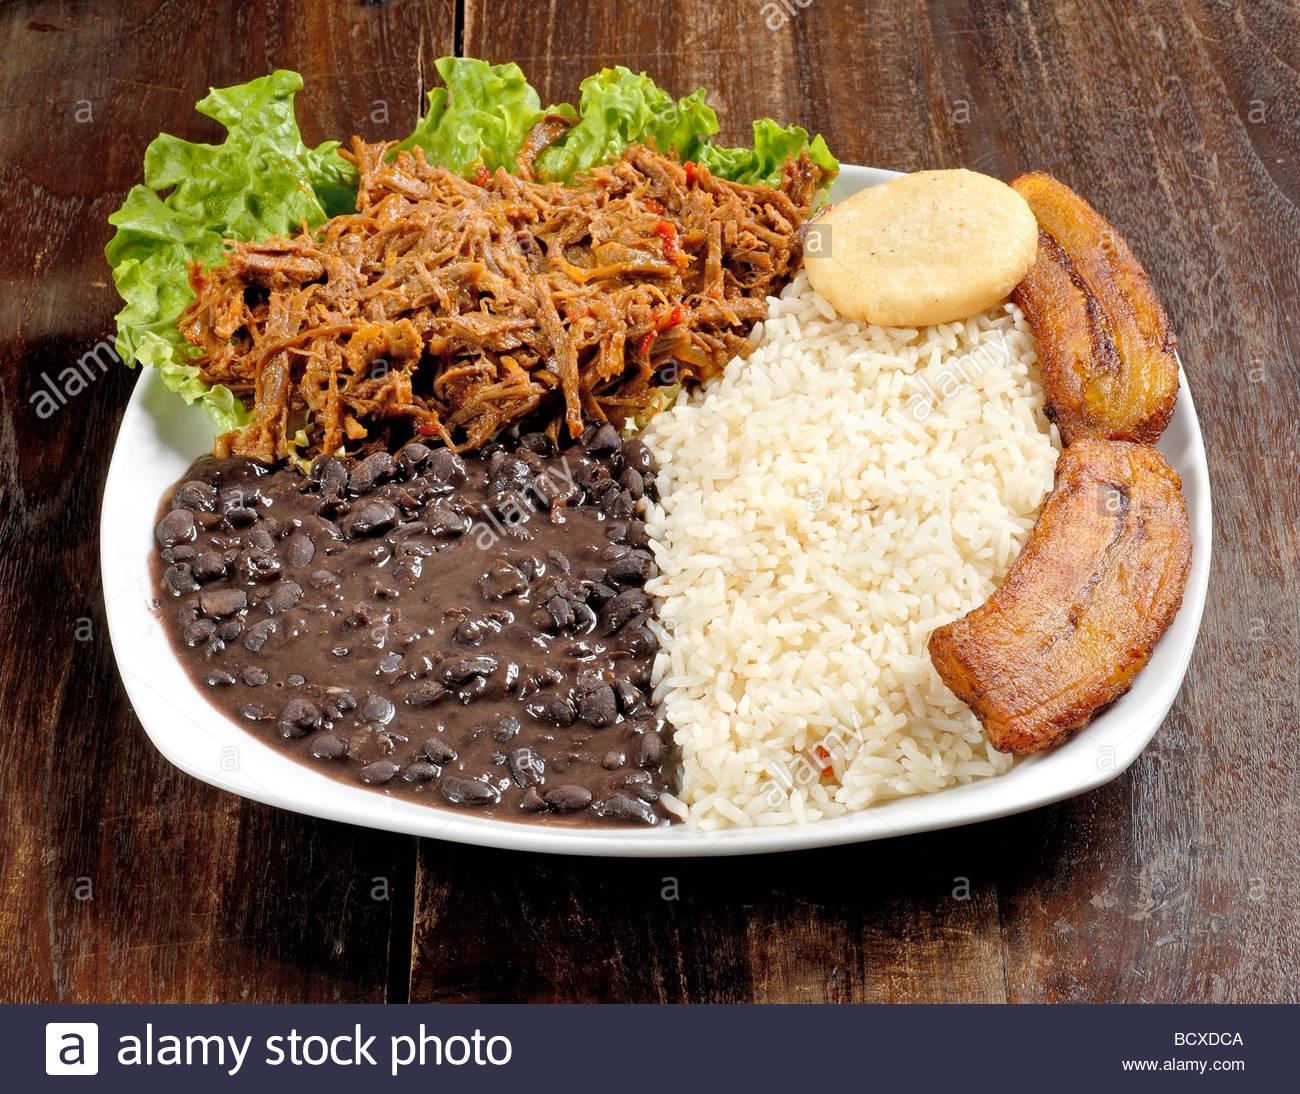 Foods And Drinks Of Venezuela